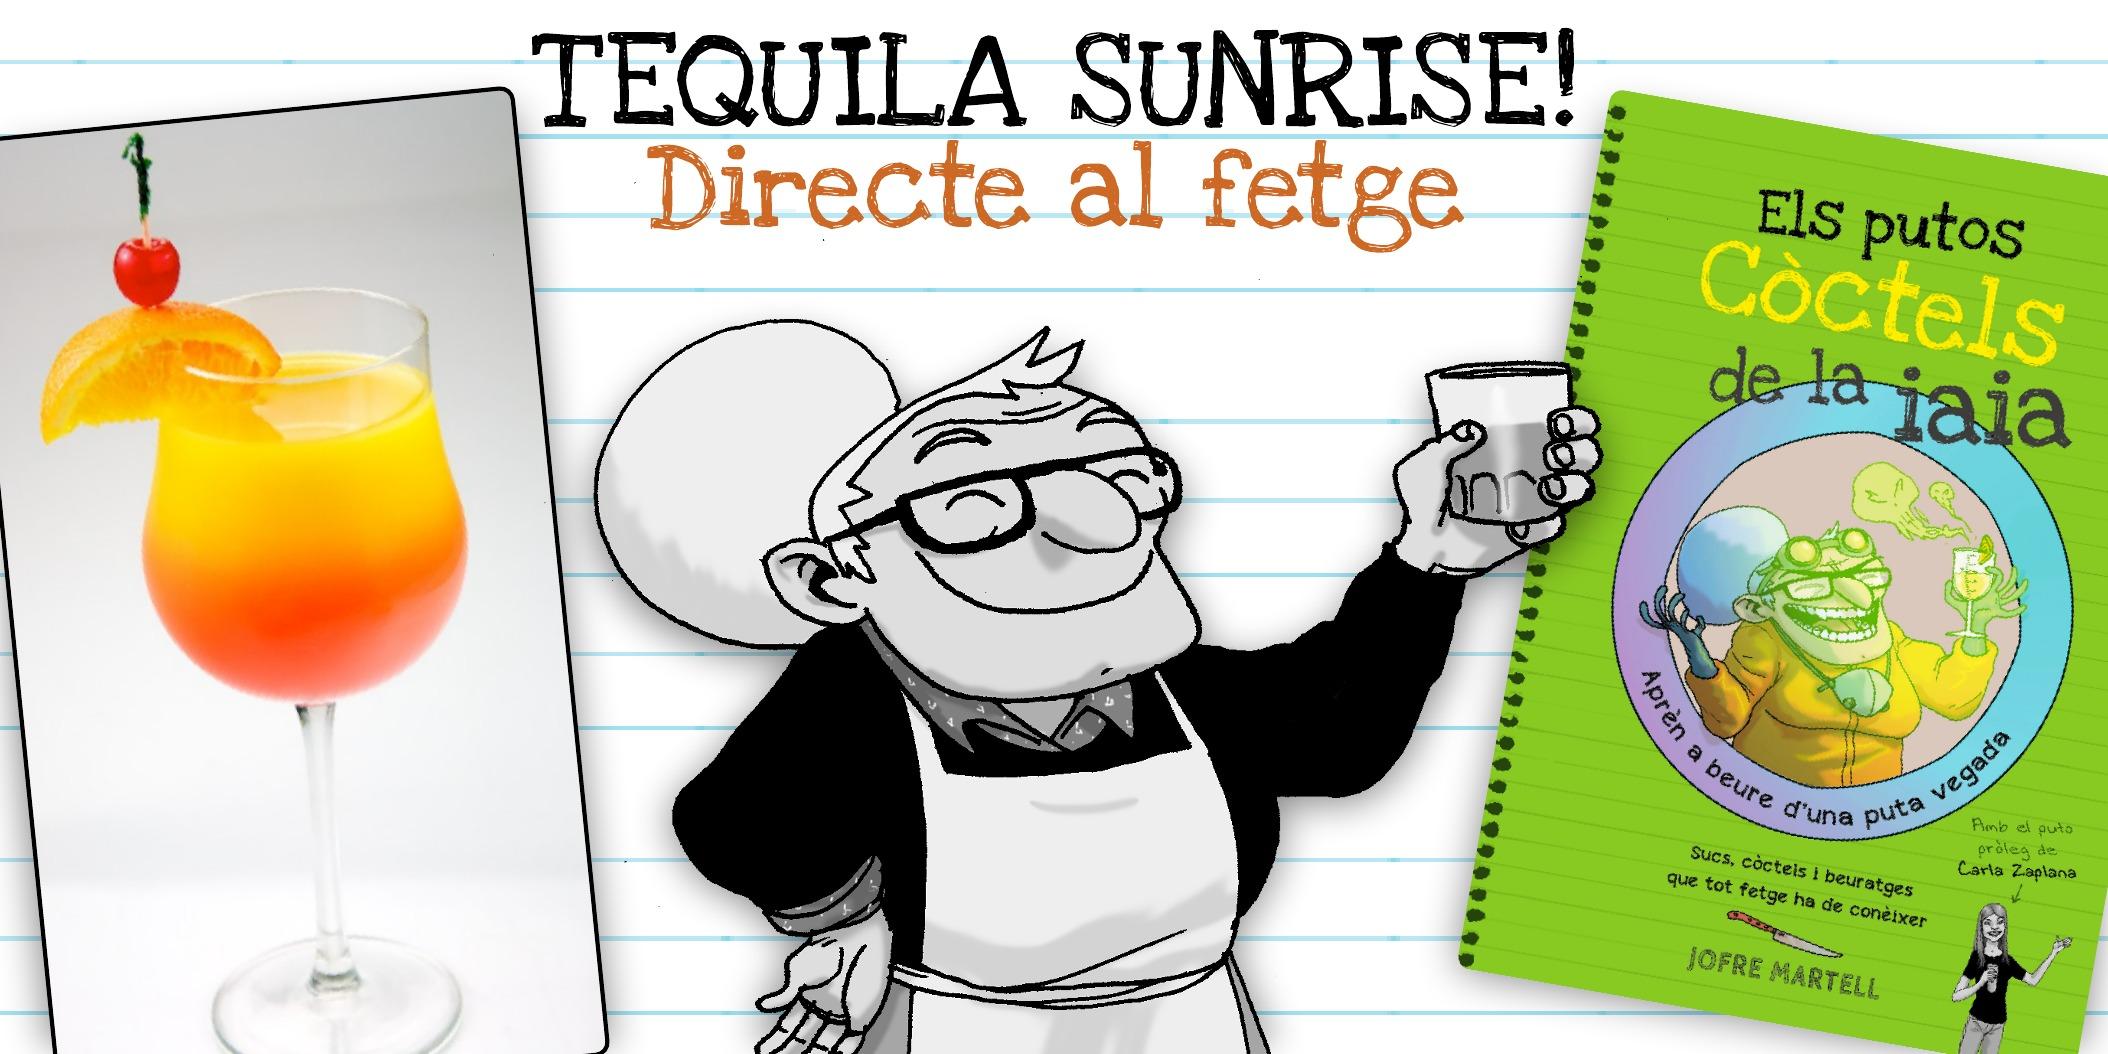 Et sobren neurones? Fes-te un Tequila Sunrise!